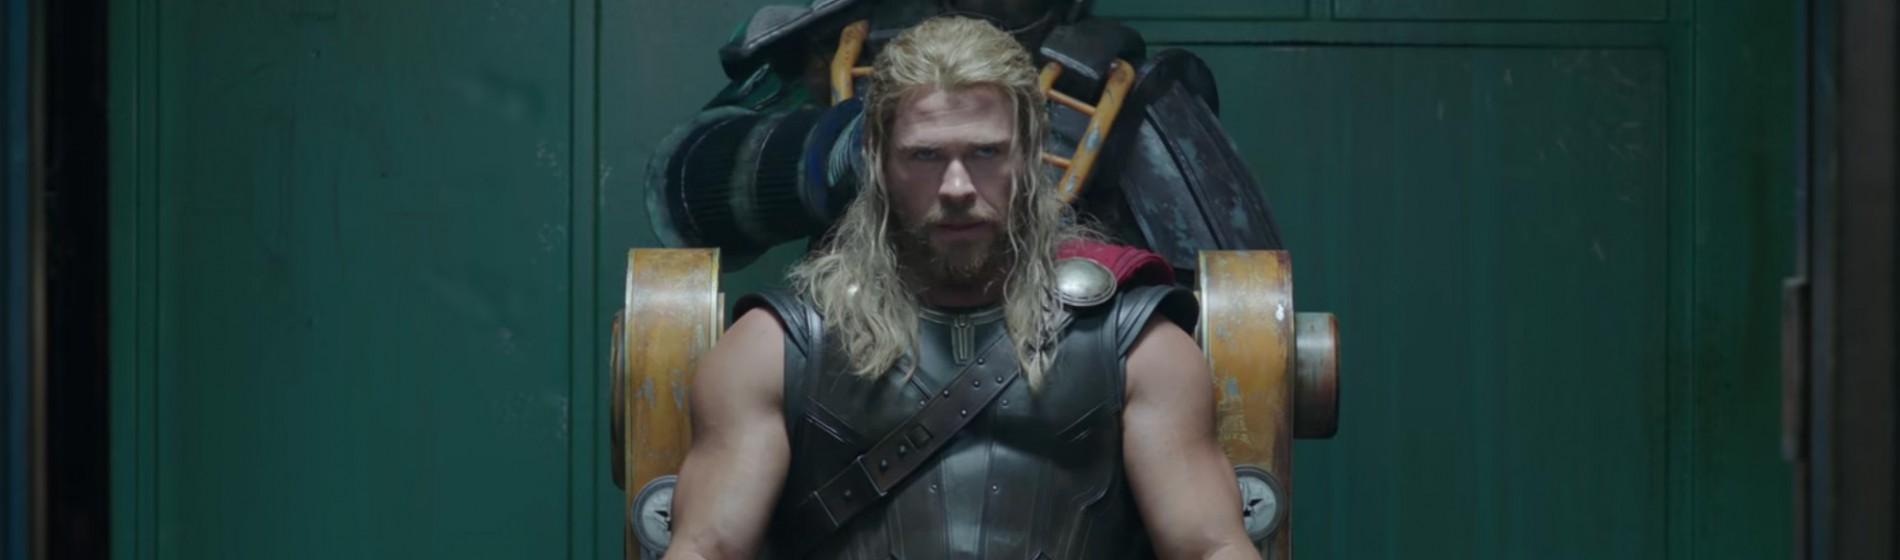 Thor Ragnarok - Featured